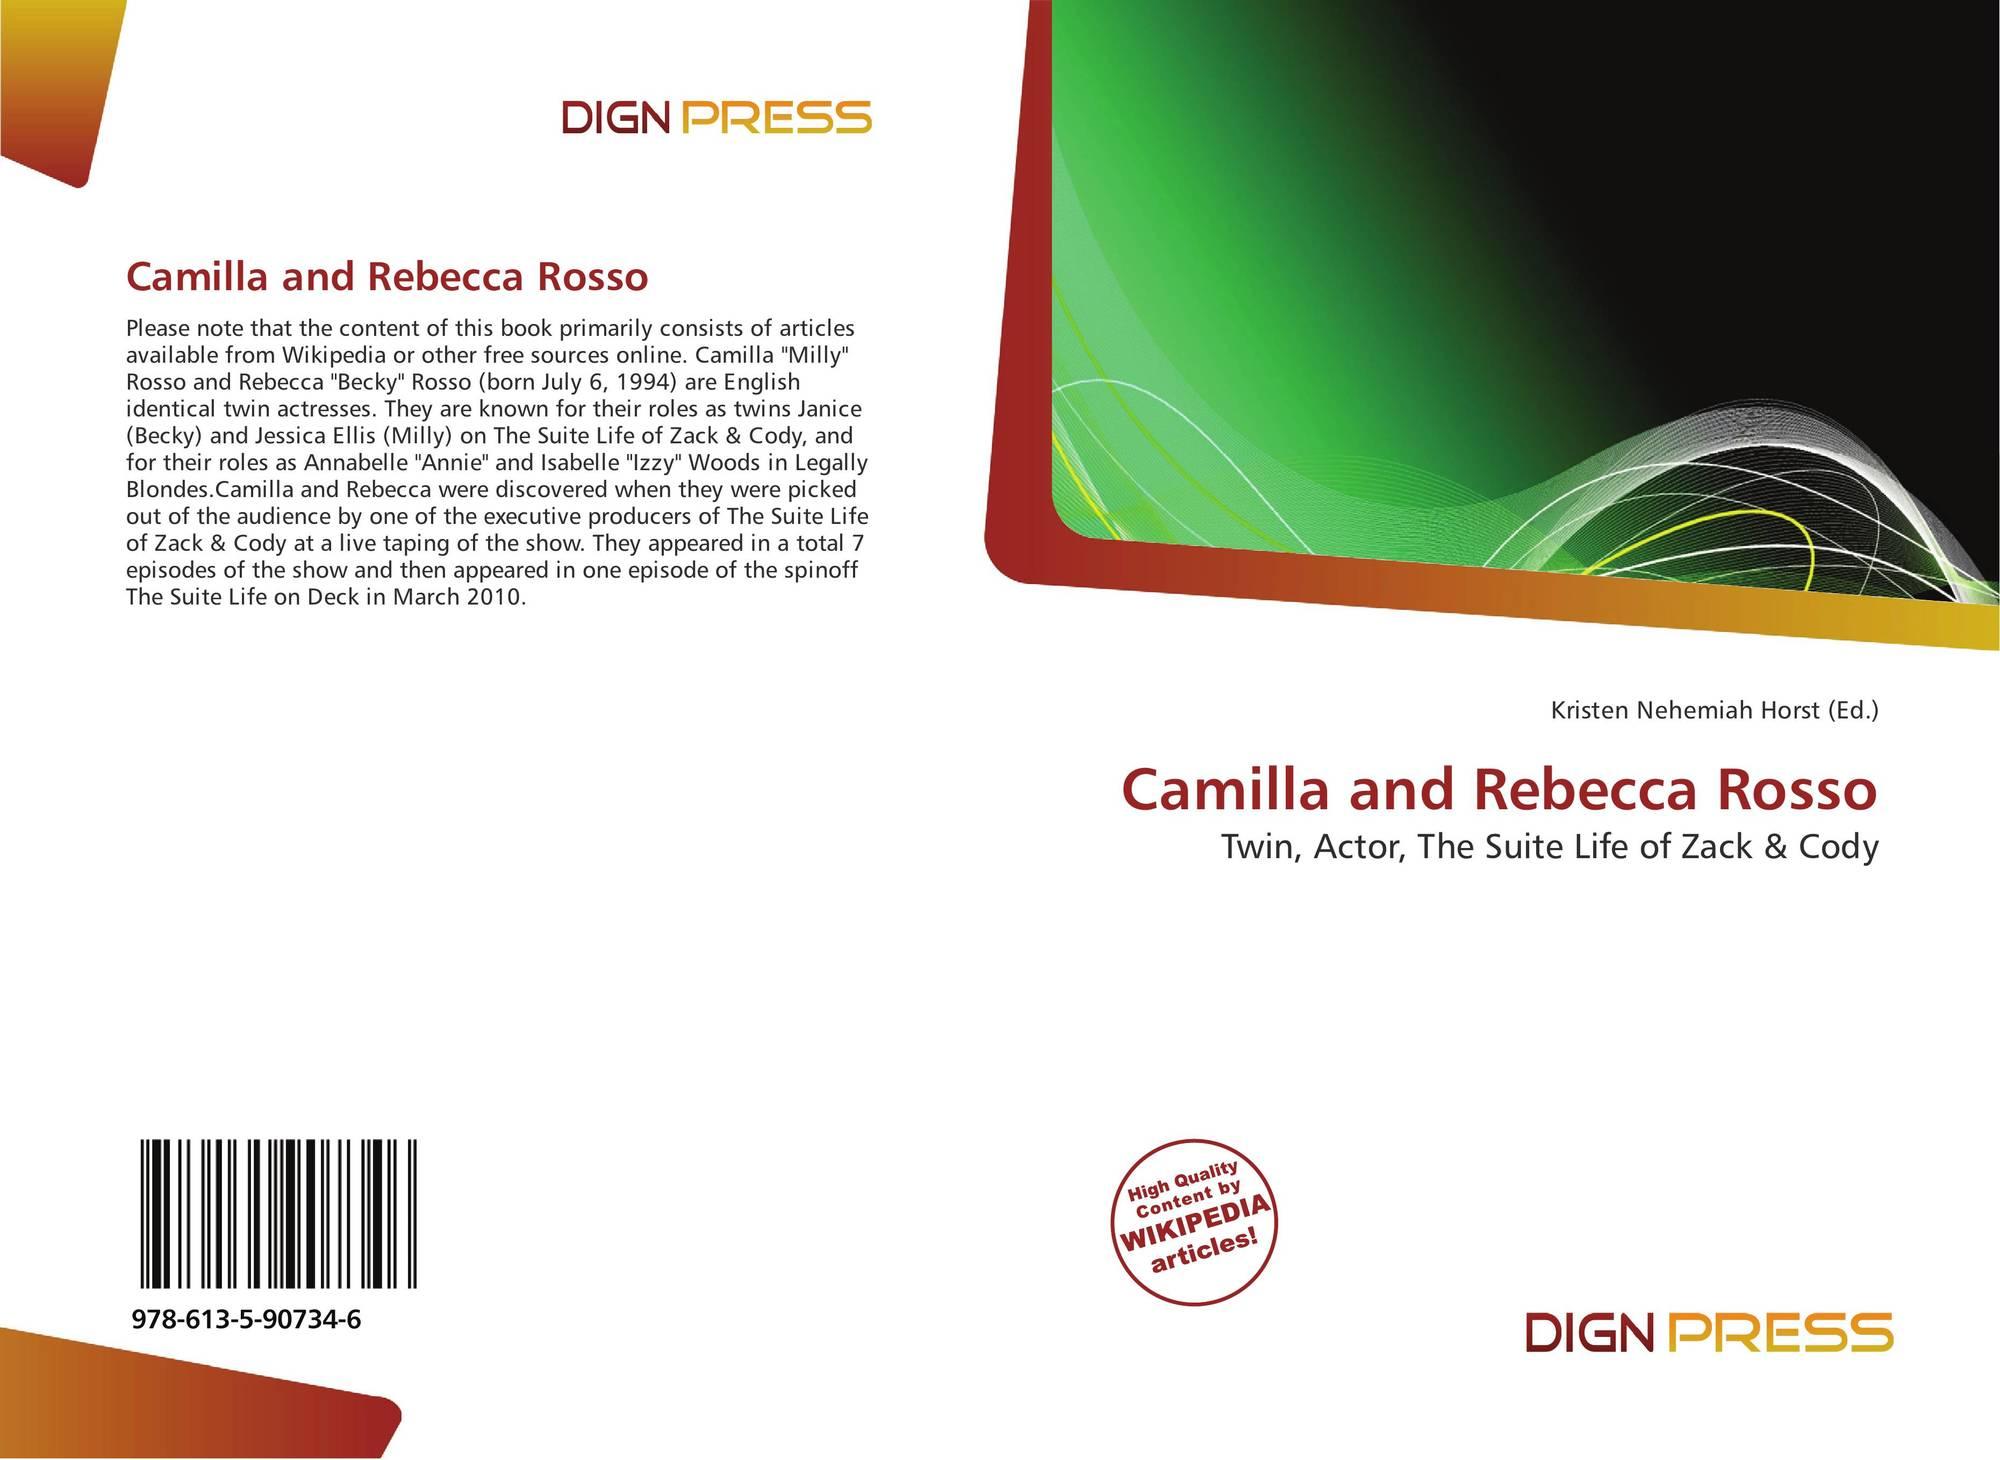 Camilla And Rebecca Rosso 978 613 5 90734 6 6135907344